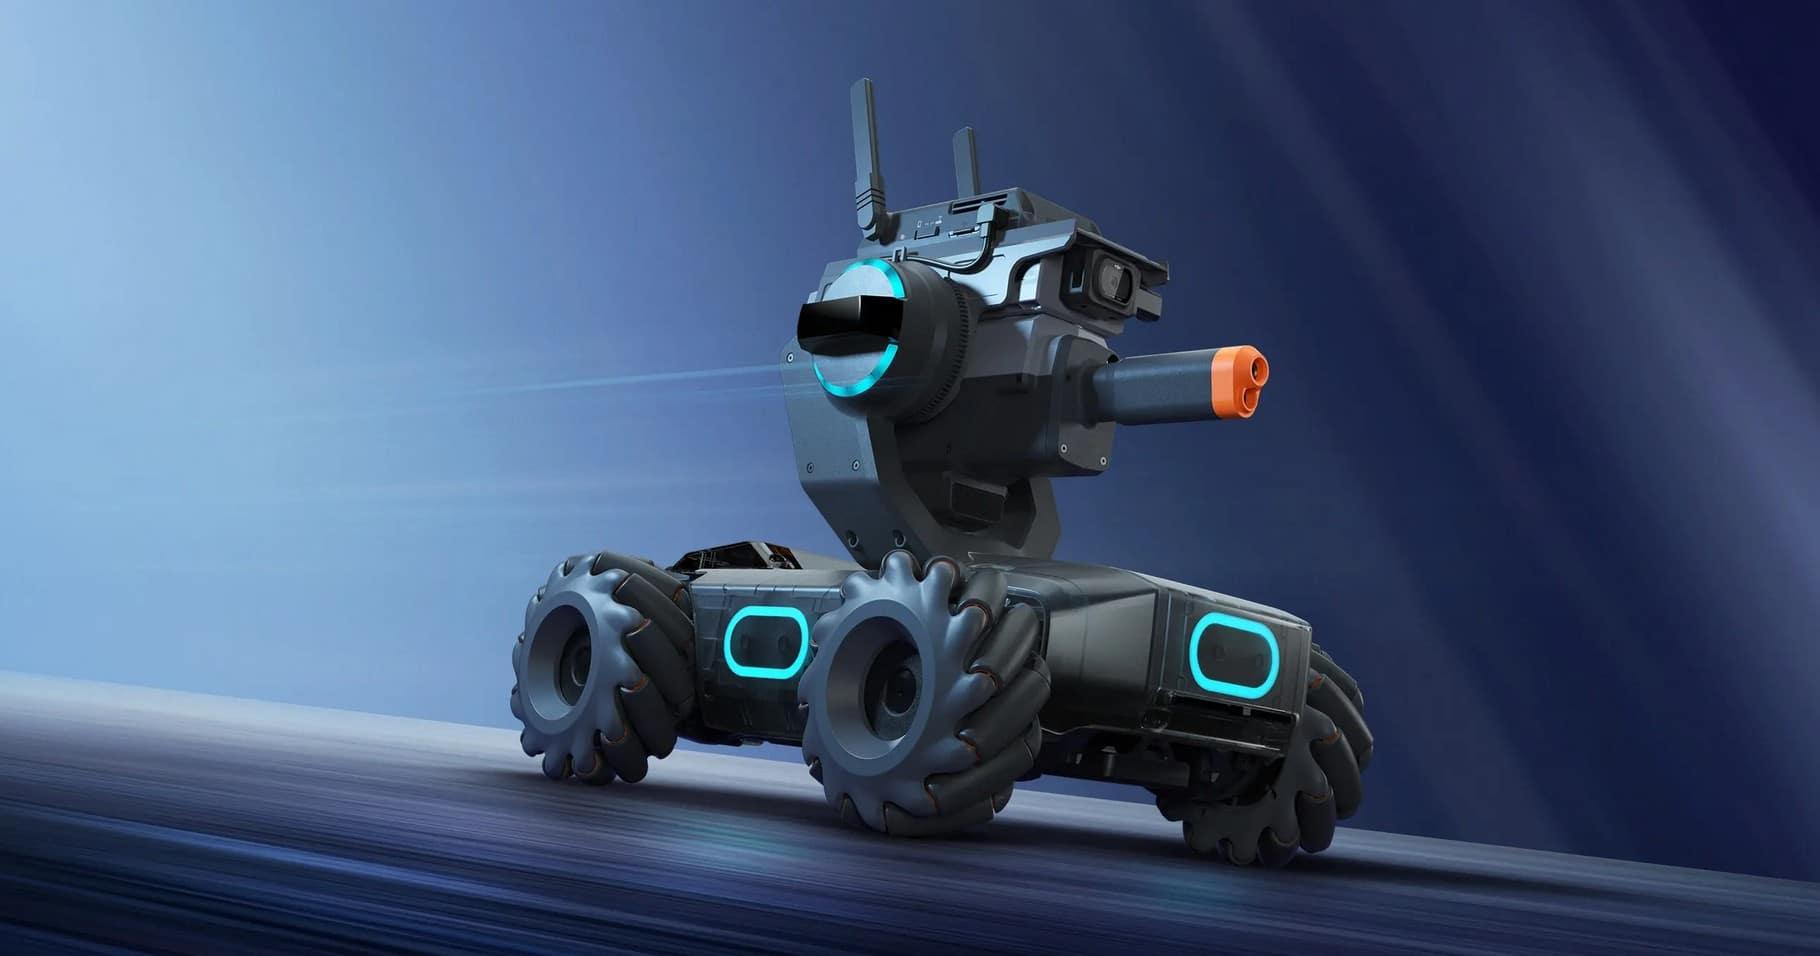 DJI RoboMaster S1: Intelligenter Panzer-Roboter für Tüftler